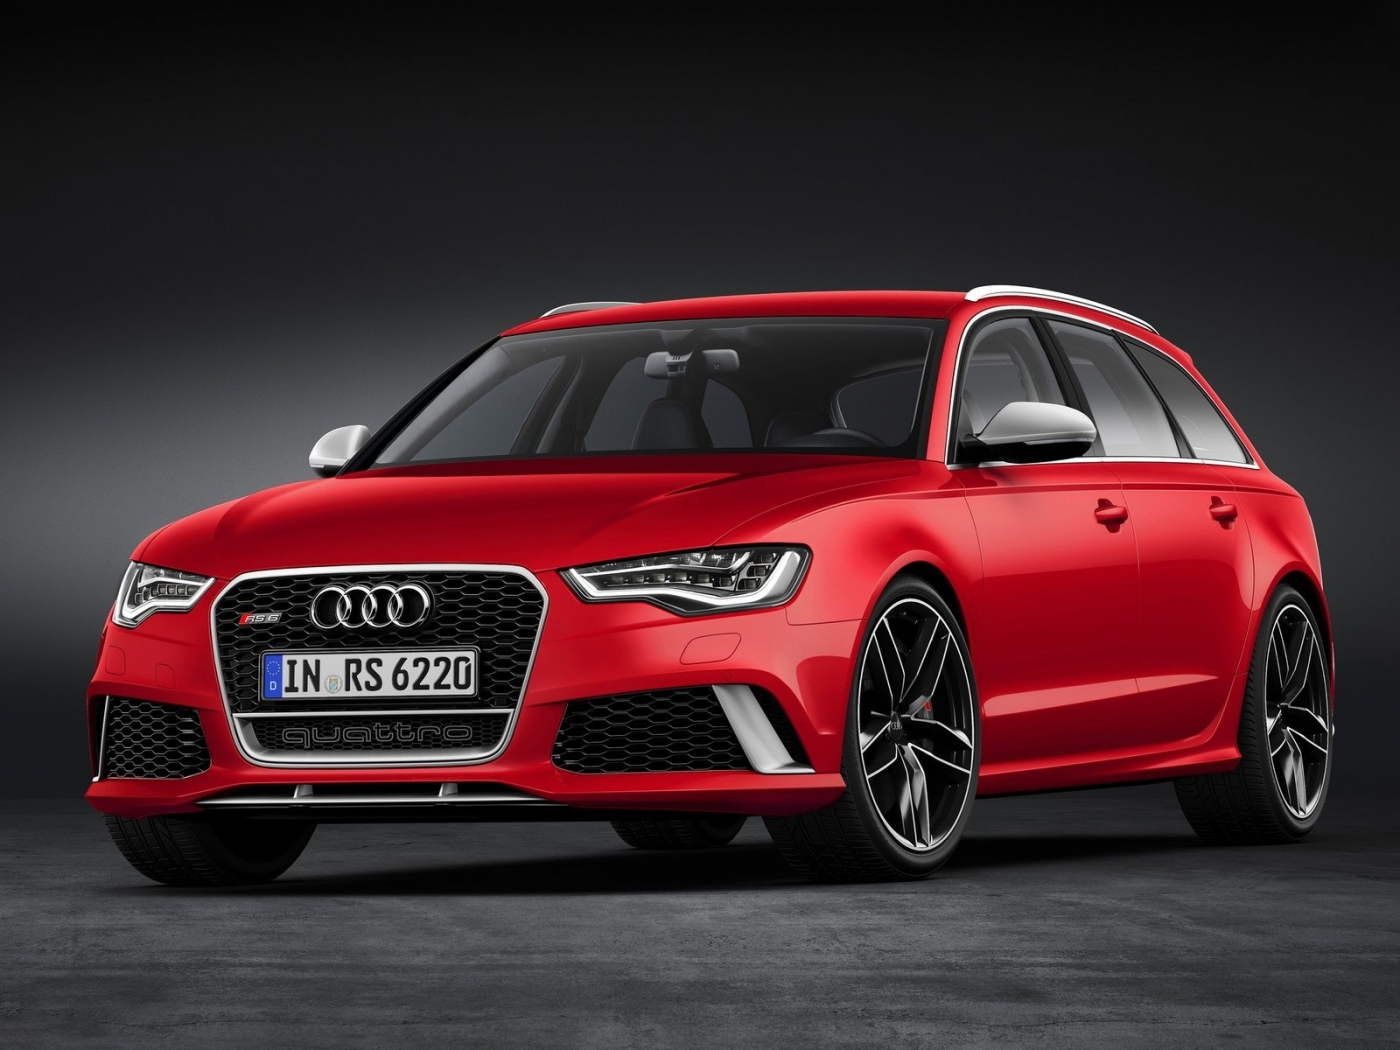 45629 télécharger le fond d'écran Transports, Voitures, Audi - économiseurs d'écran et images gratuitement